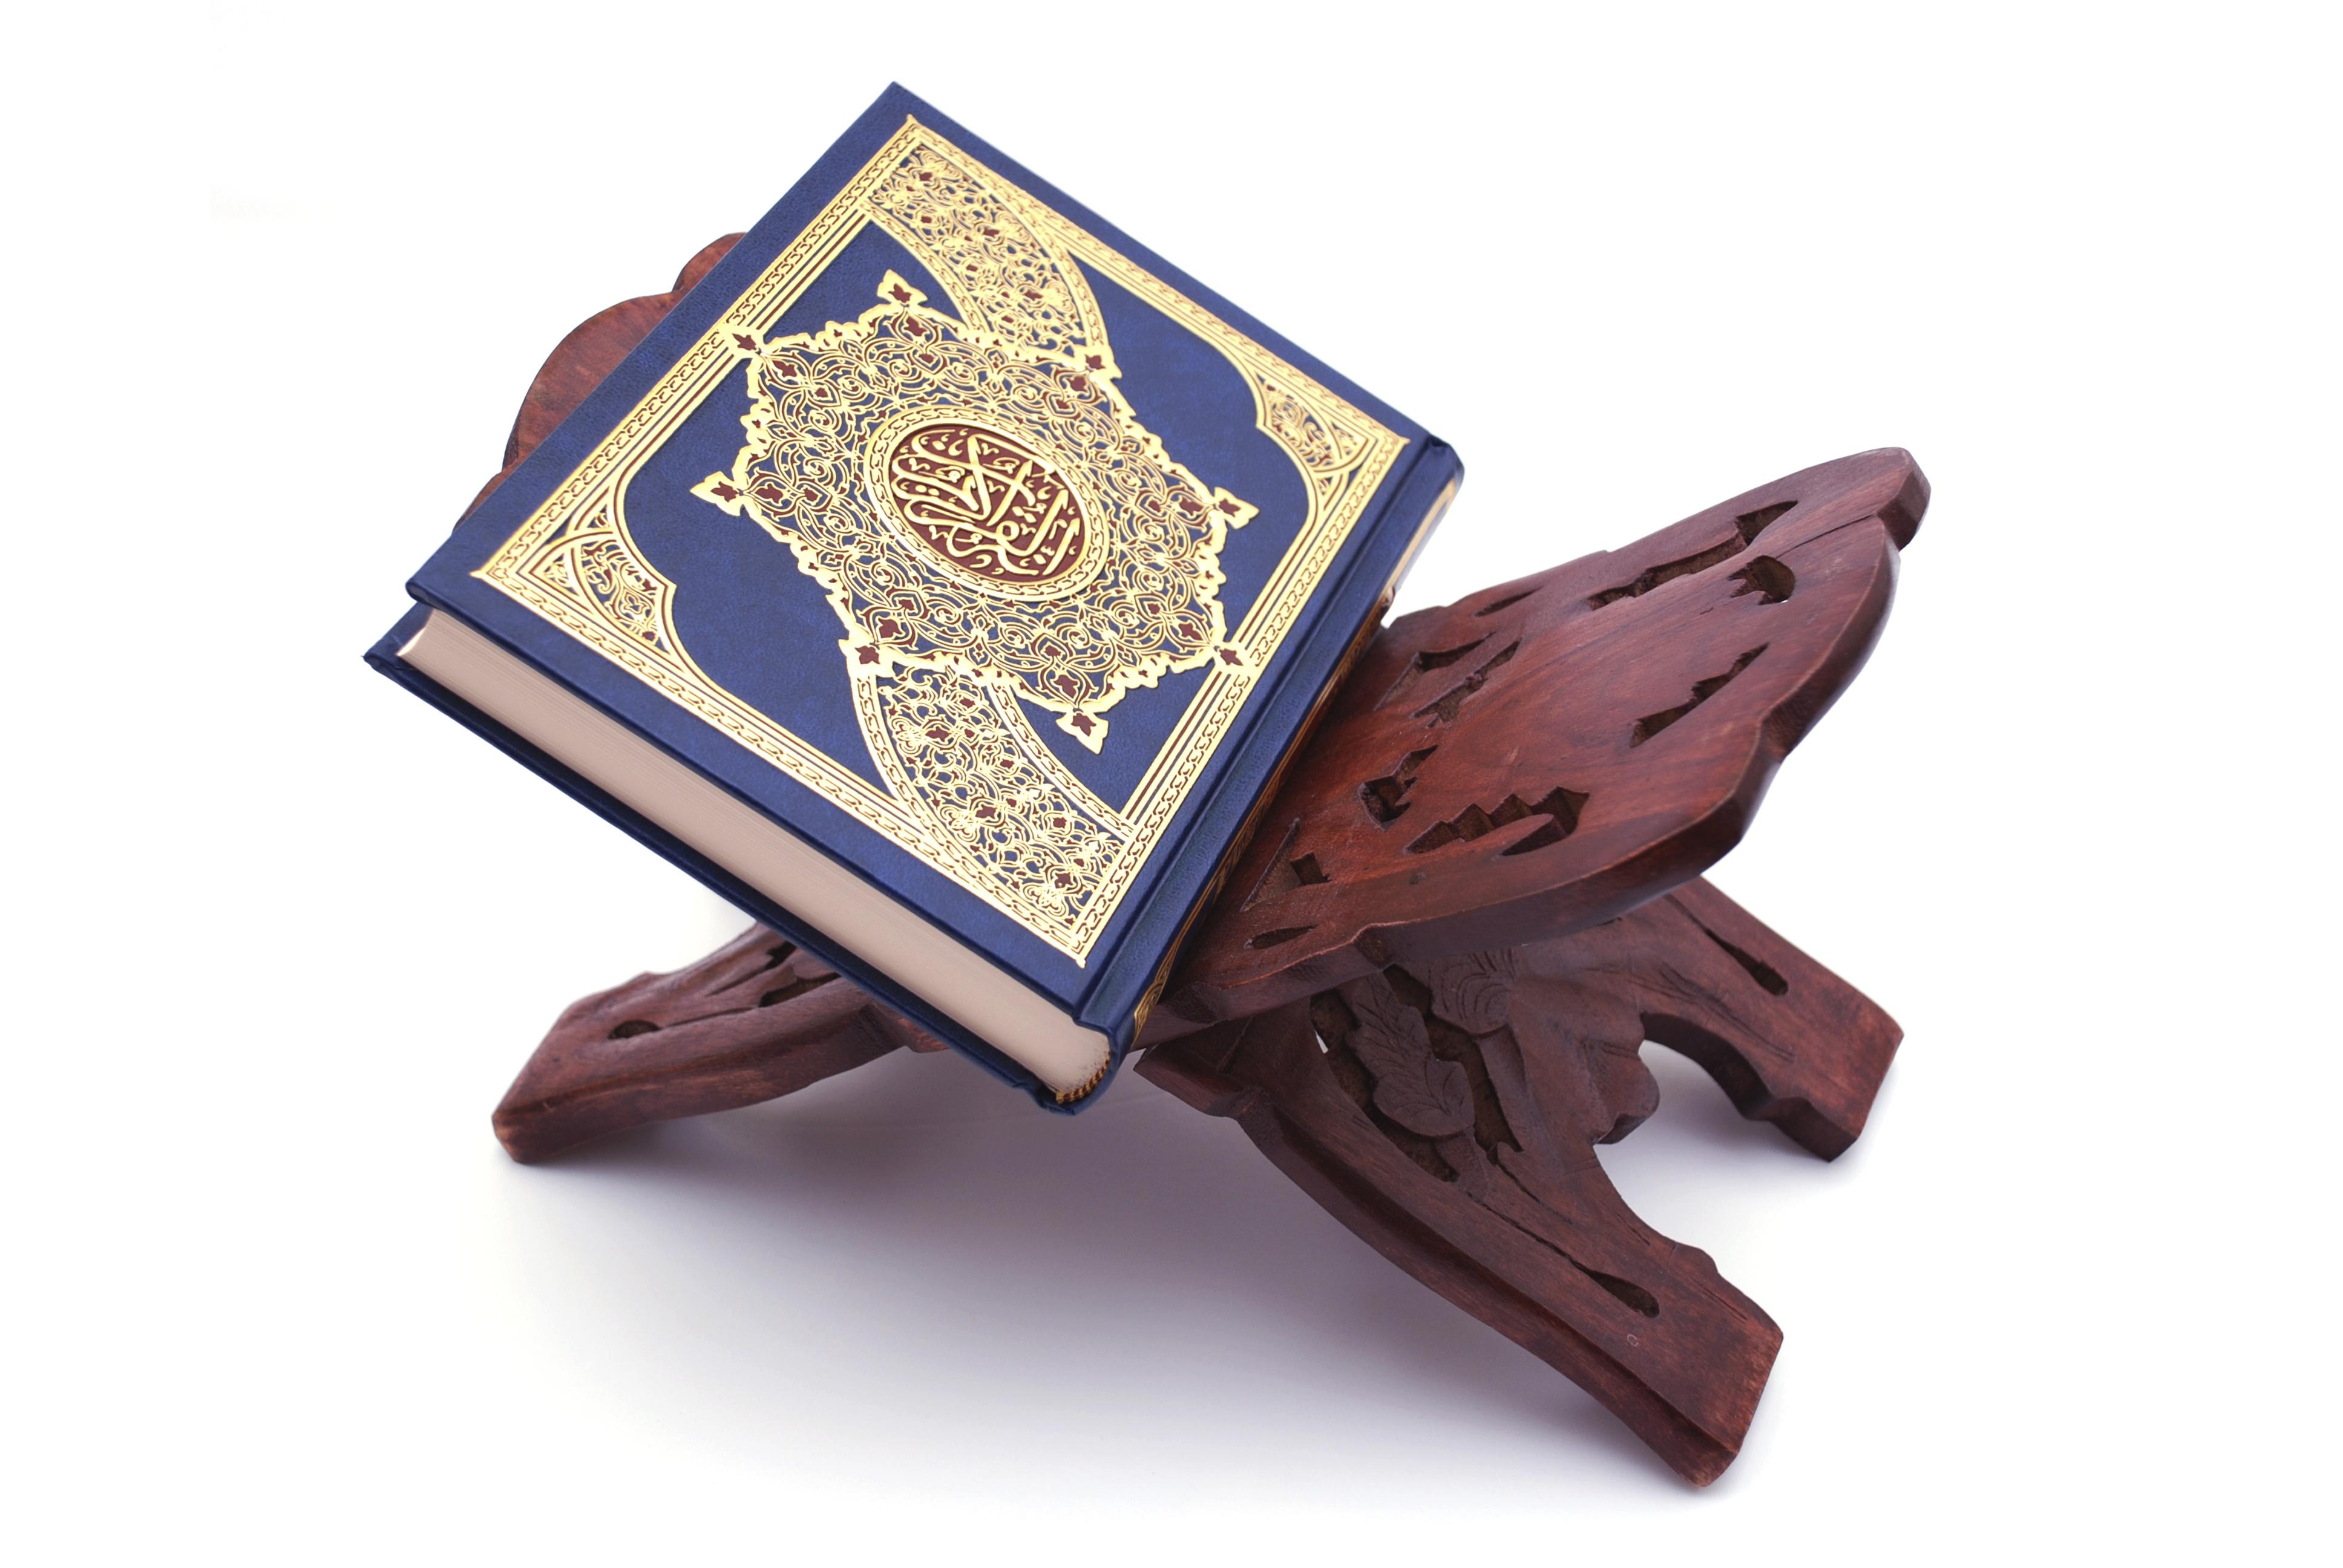 تصویر آیا قرآن کلام خداست ؟ نقد دیدگاه ابوزید، سروش و شبستری در مورد وحی